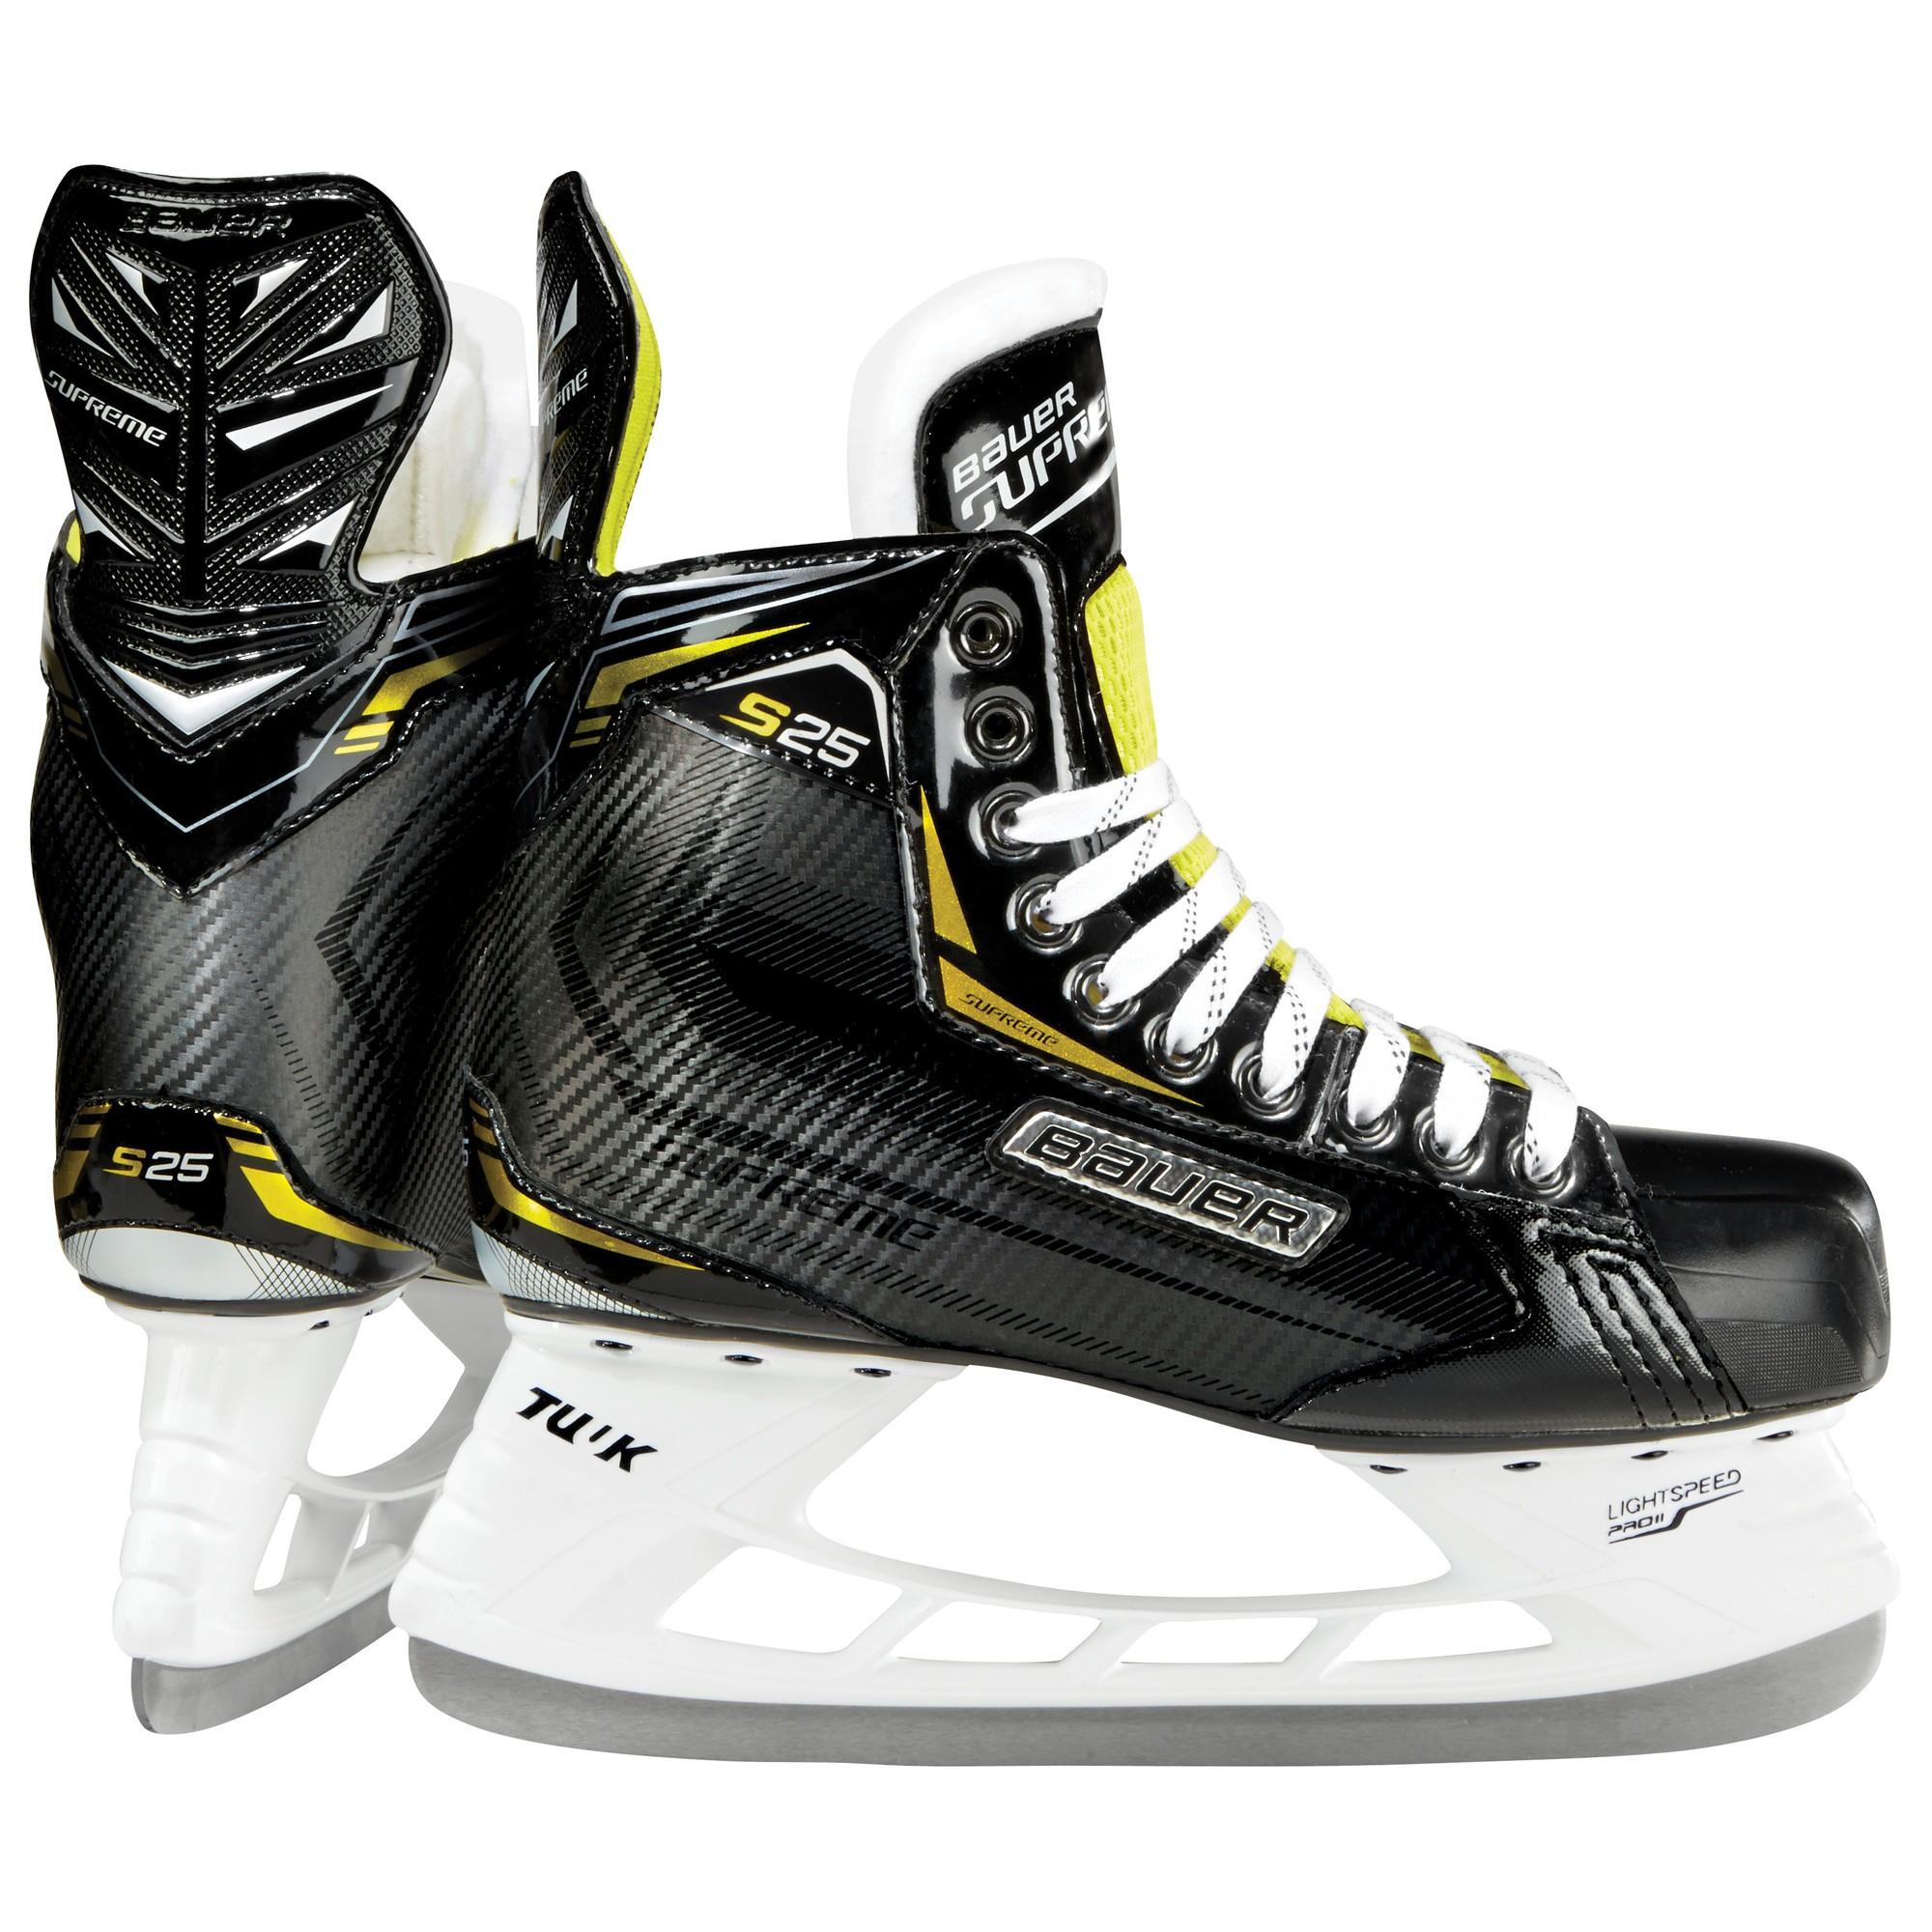 Afbeelding van Bauer Supreme S25 Skate Ijshockeyschaatsen